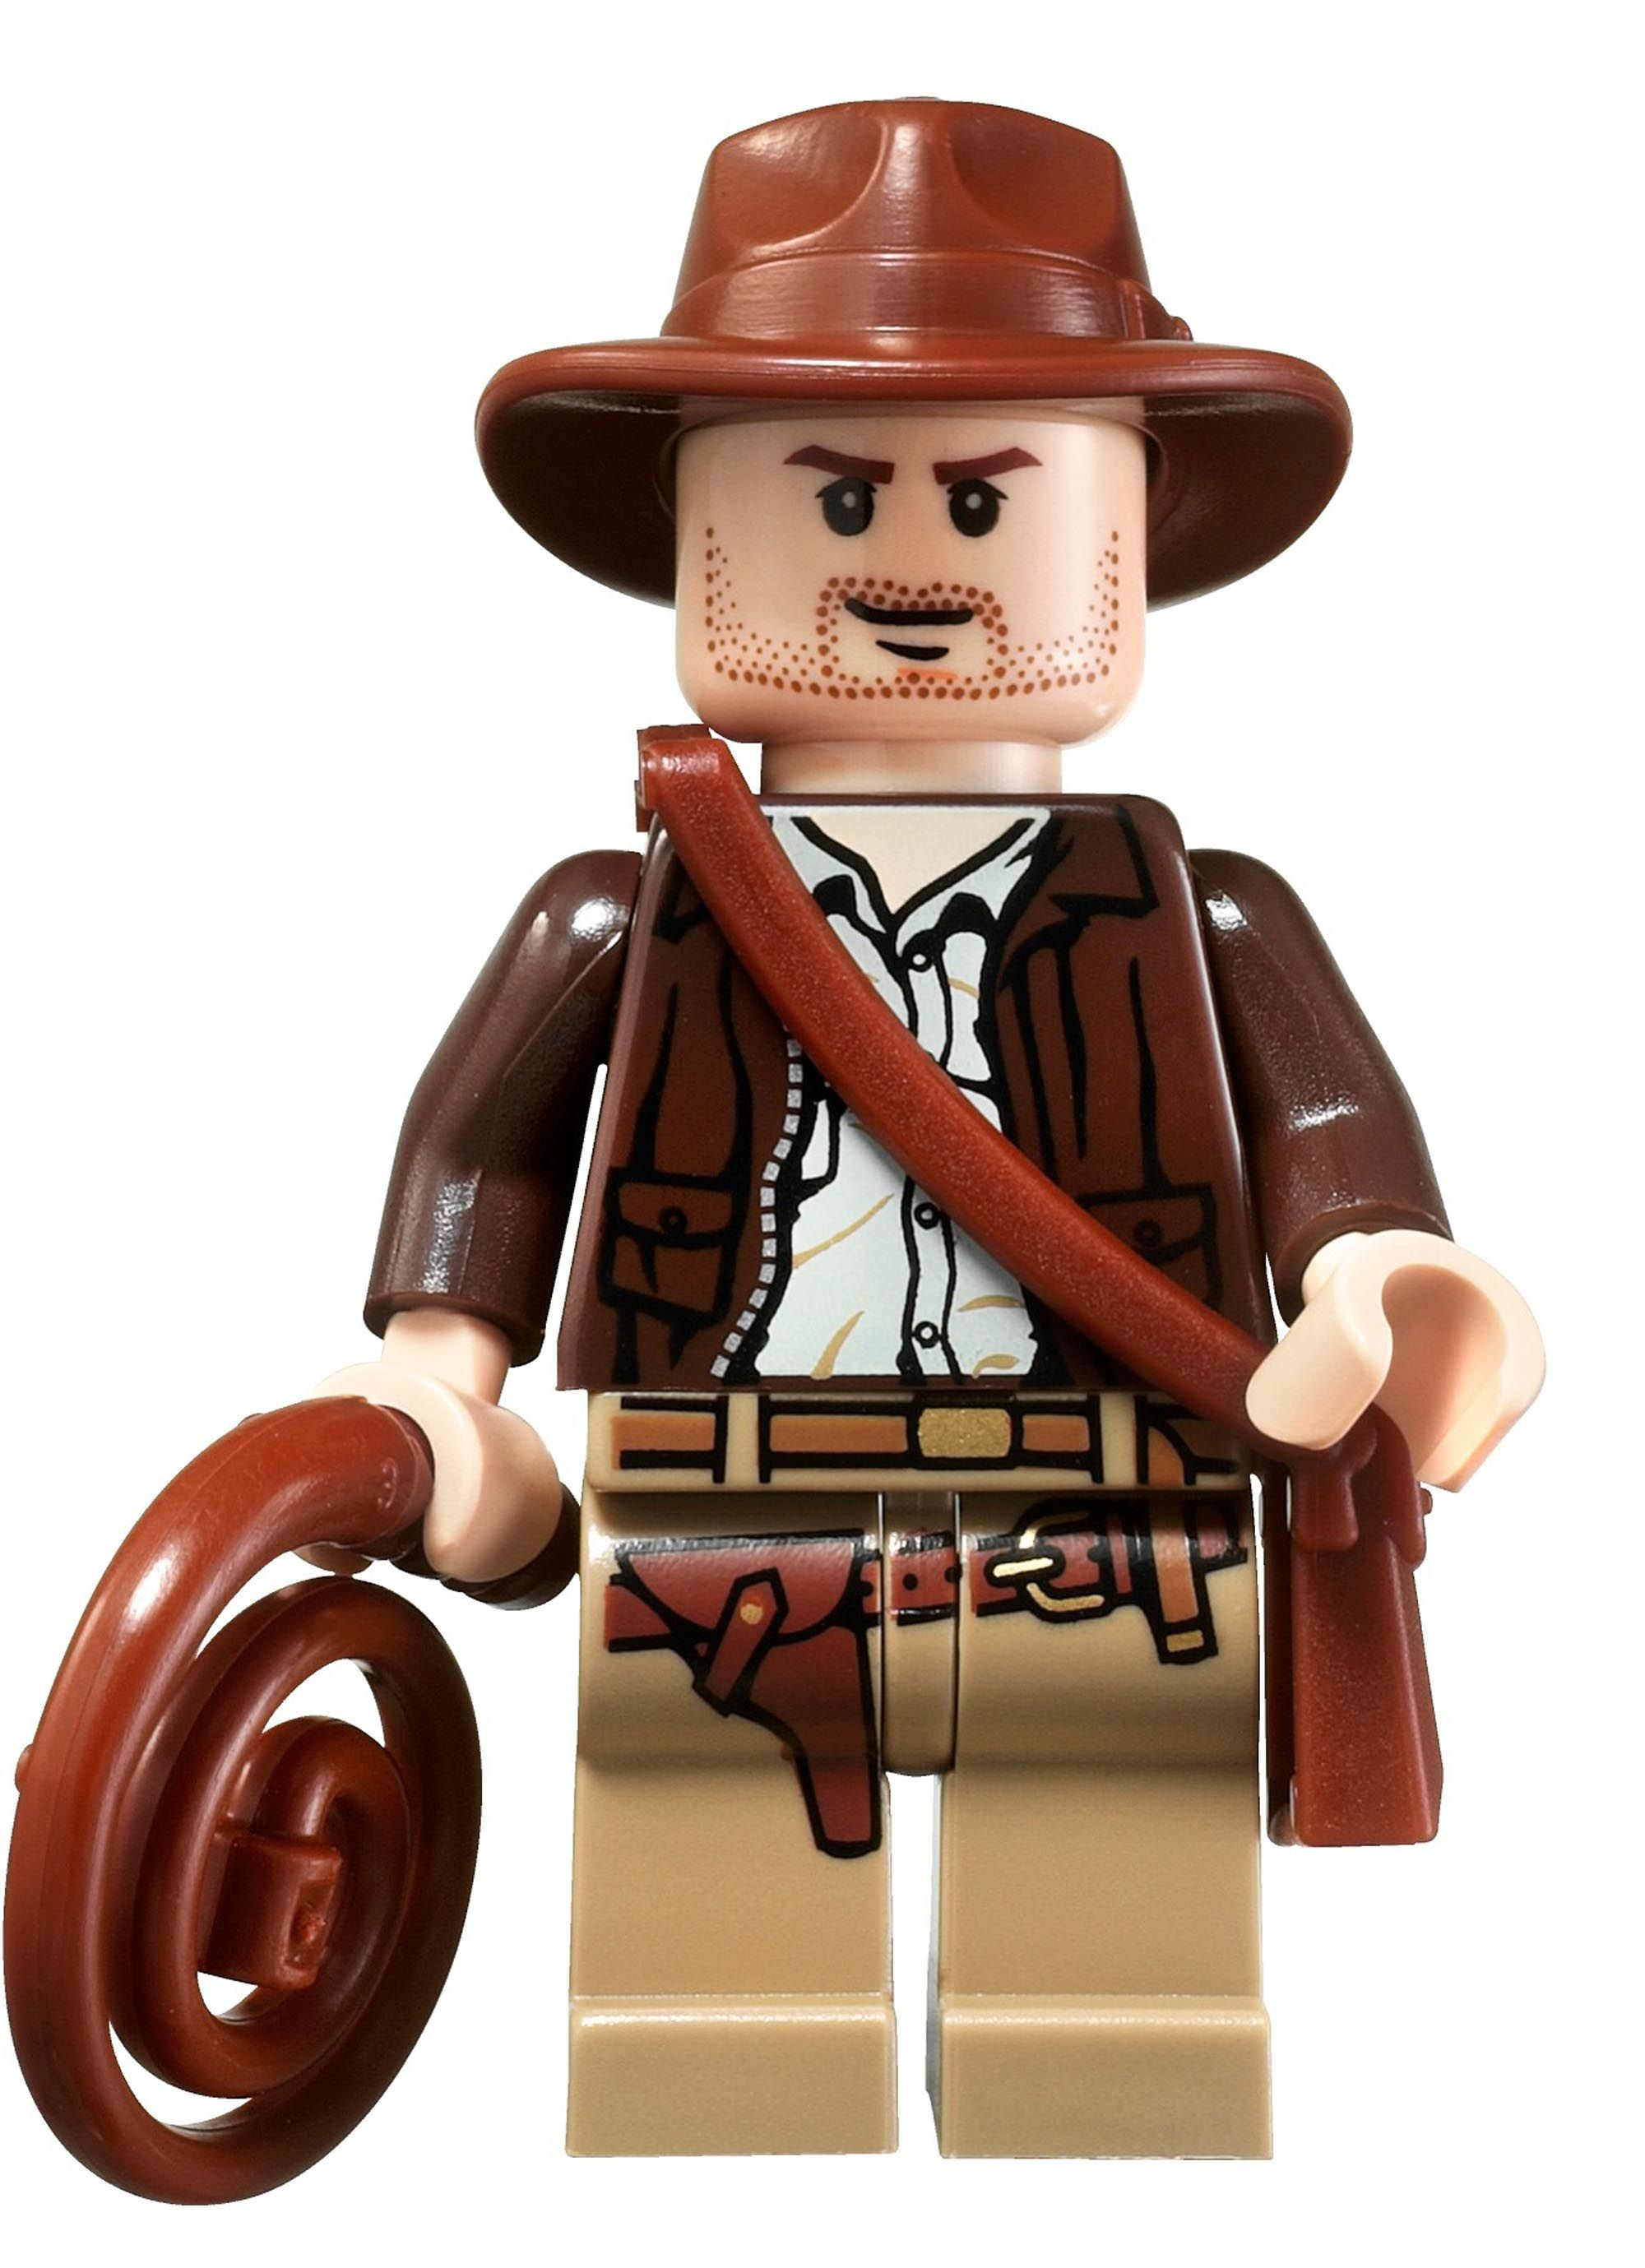 Lego Indiana Jones Lego Indiana Jones Lego Indiana Jones